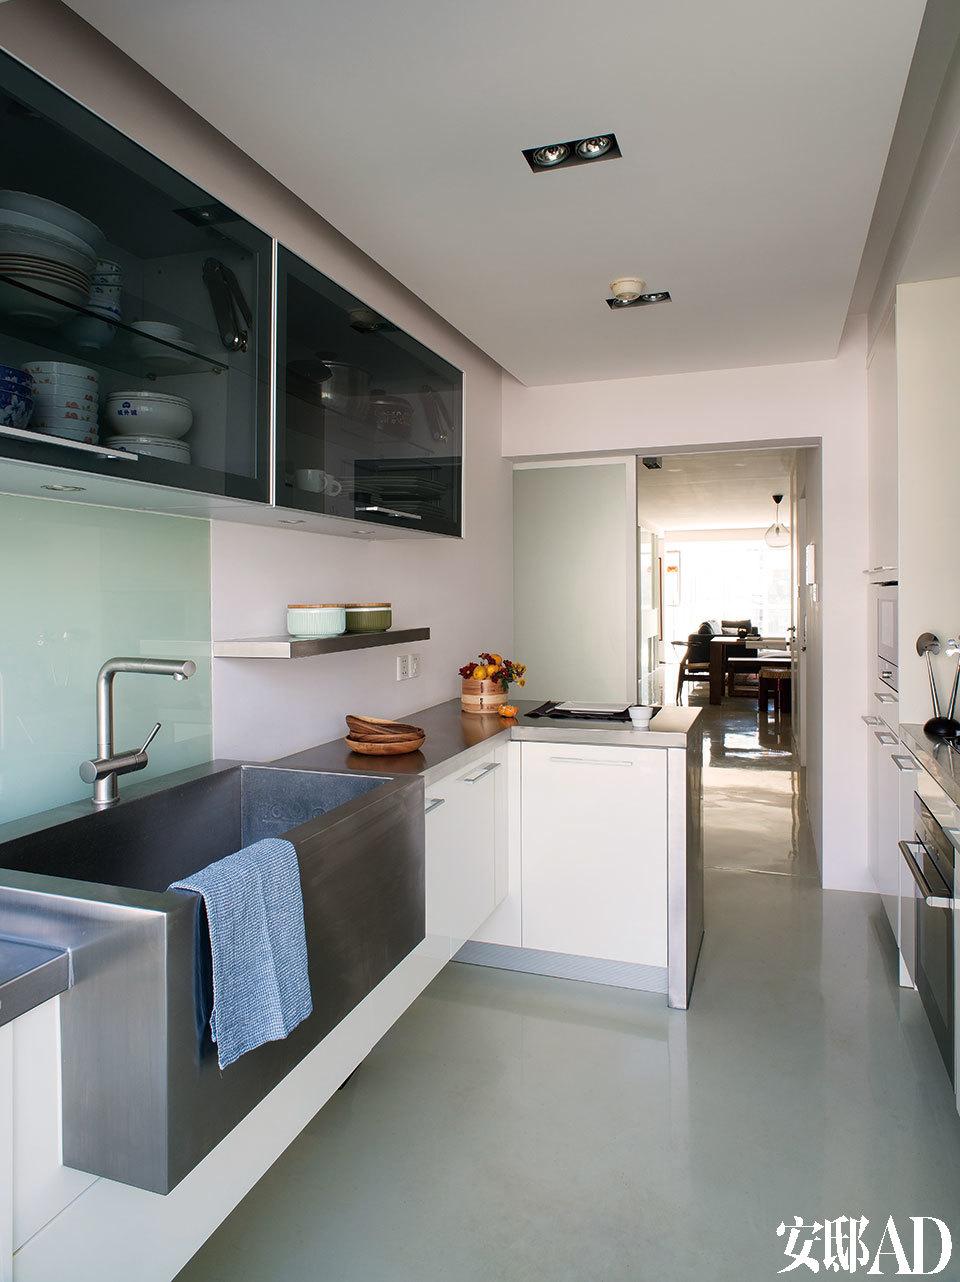 厨房整体由Frank重新设计,收纳功能非常完备,电器主要来自西门子品牌,墙面搁架上的绿罐和操作台上的笼屉为JIA品牌,来自家天地。